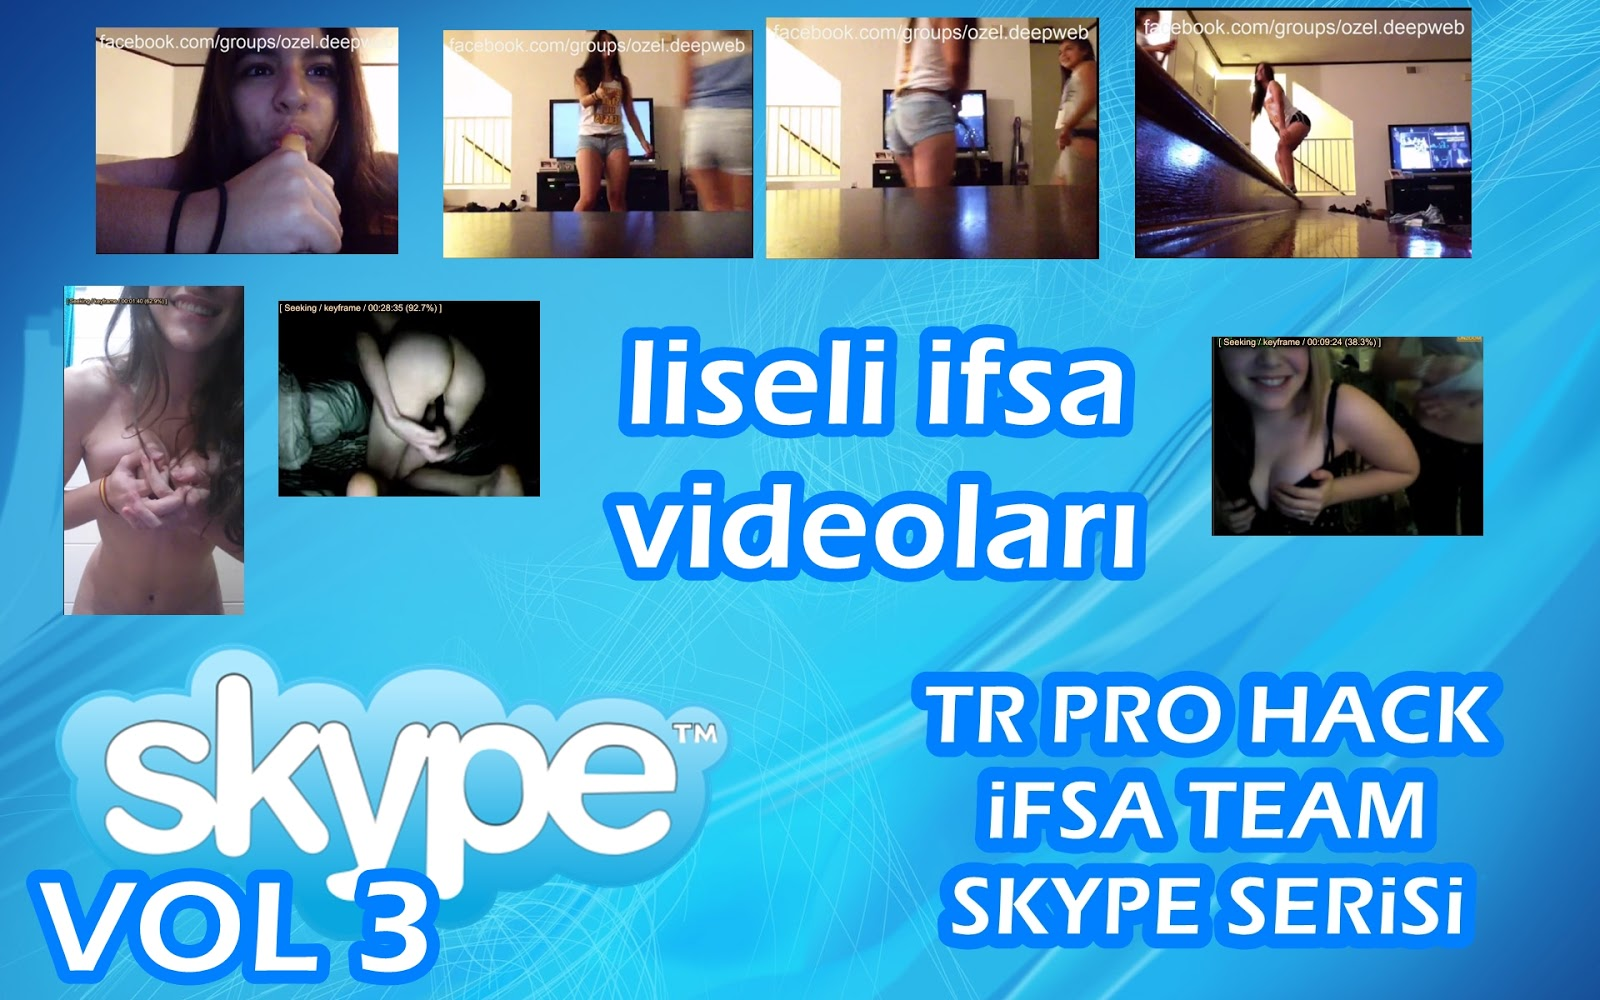 video-veb-porno-onlayn-obshenie